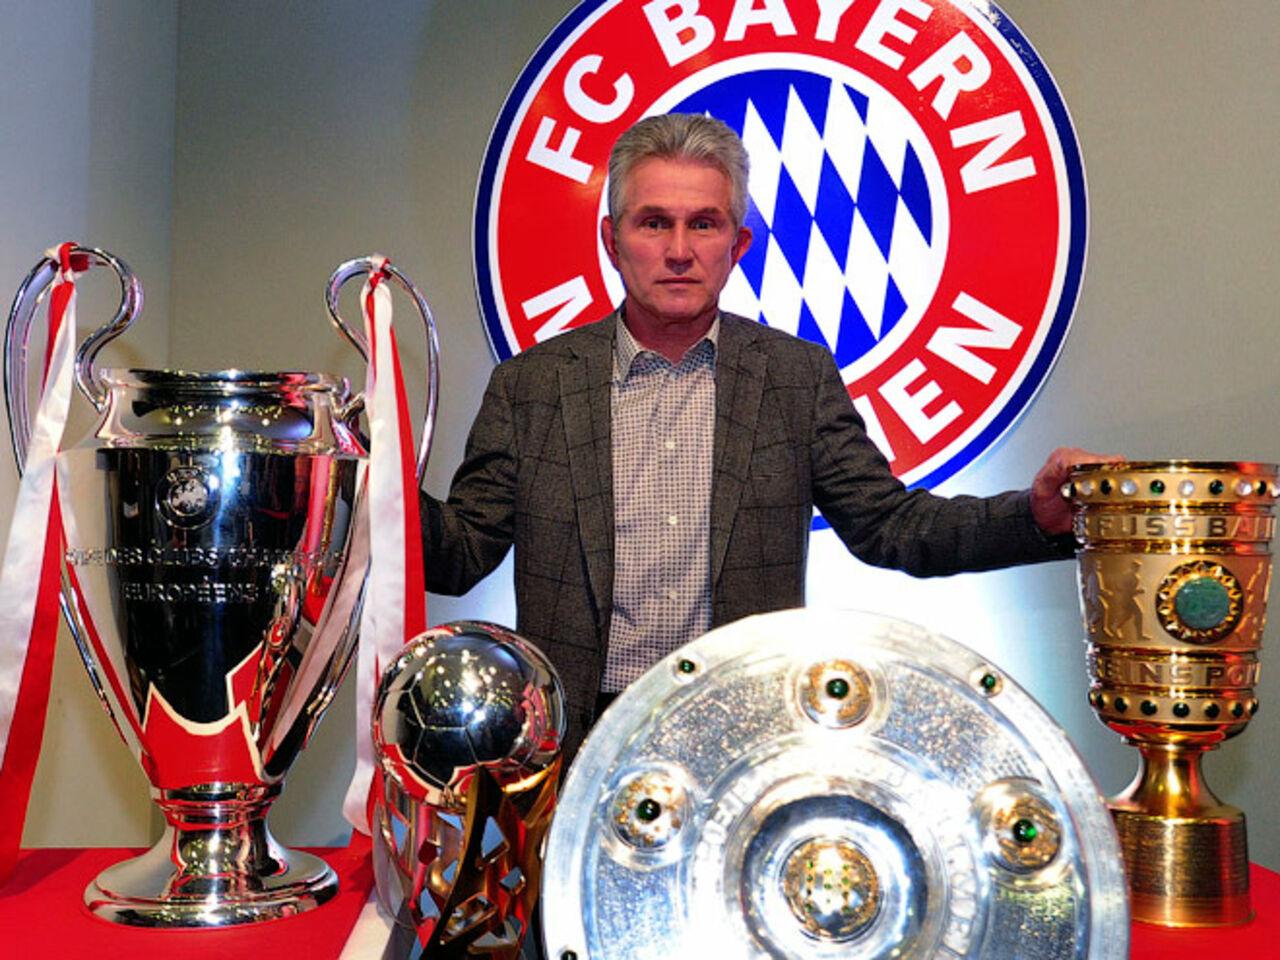 Хайнкес подтвердил, что получил предложение возглавить футбольный клуб «Бавария»